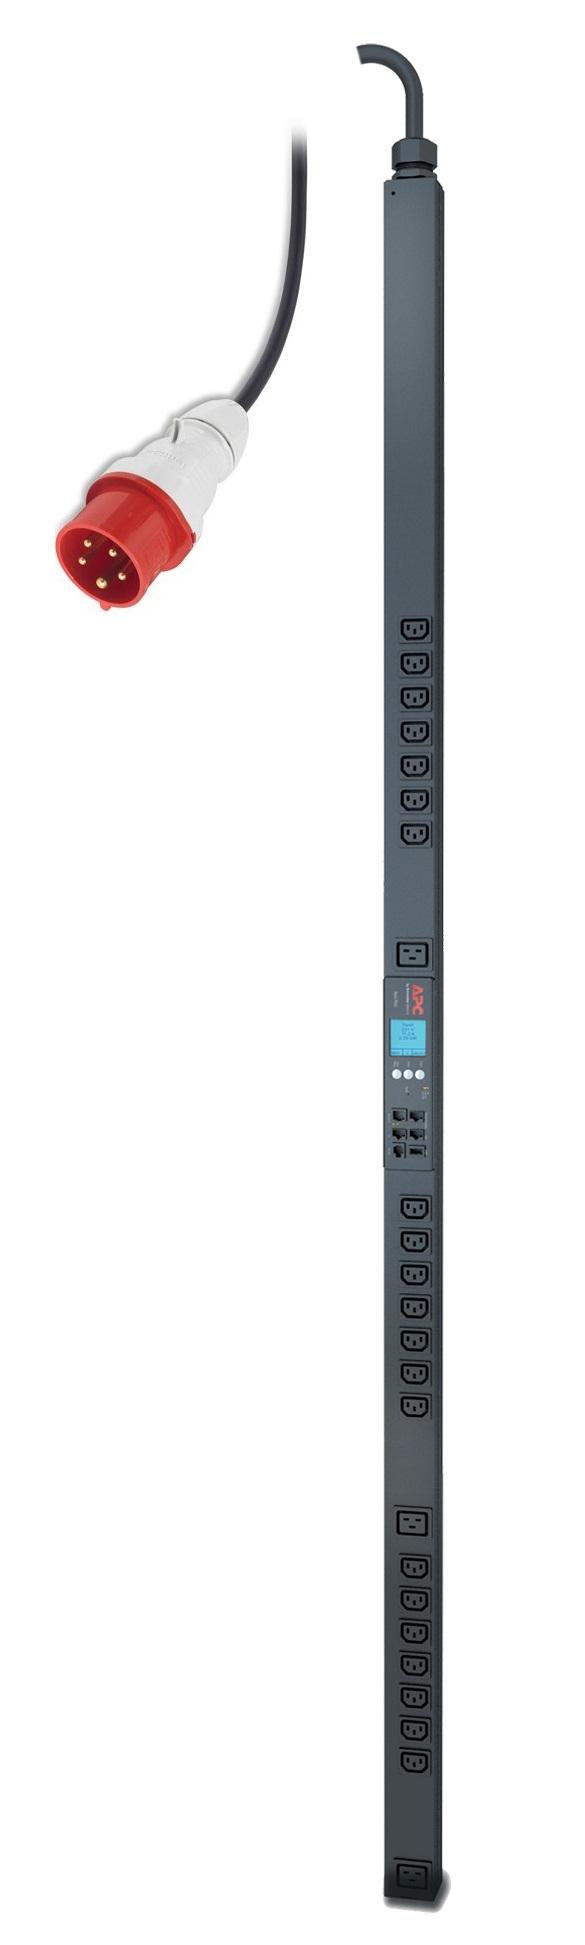 APC AP8481 unidad de distribución de energía (PDU) 0U Negro 24 salidas AC